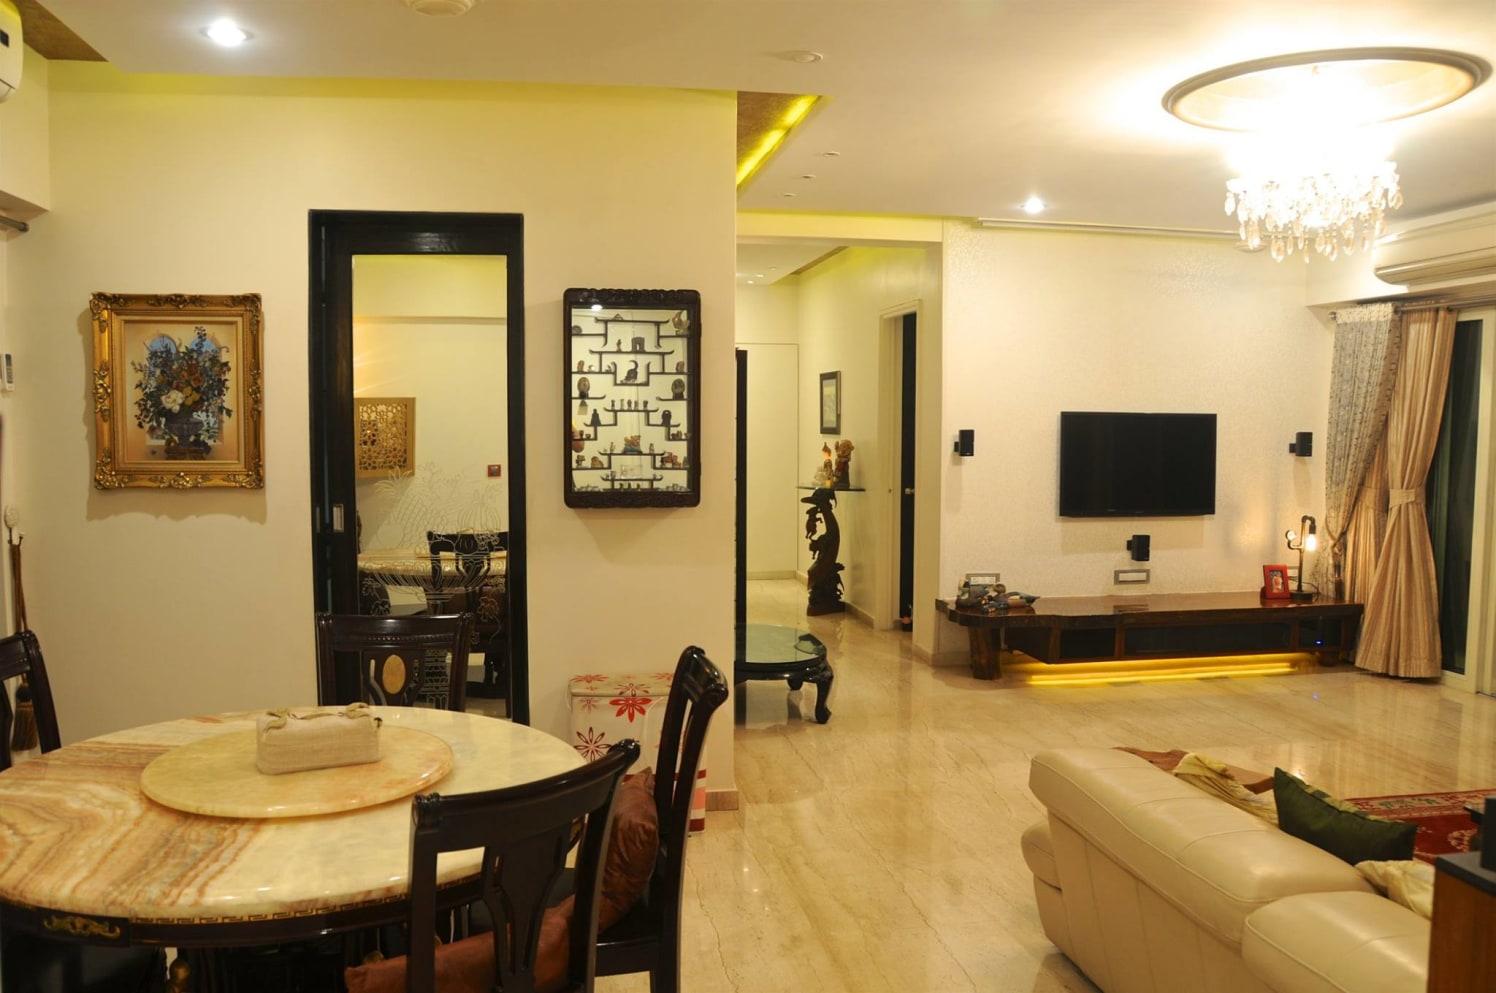 Dining Room by Design Kkarma Dining-room Contemporary | Interior Design Photos & Ideas